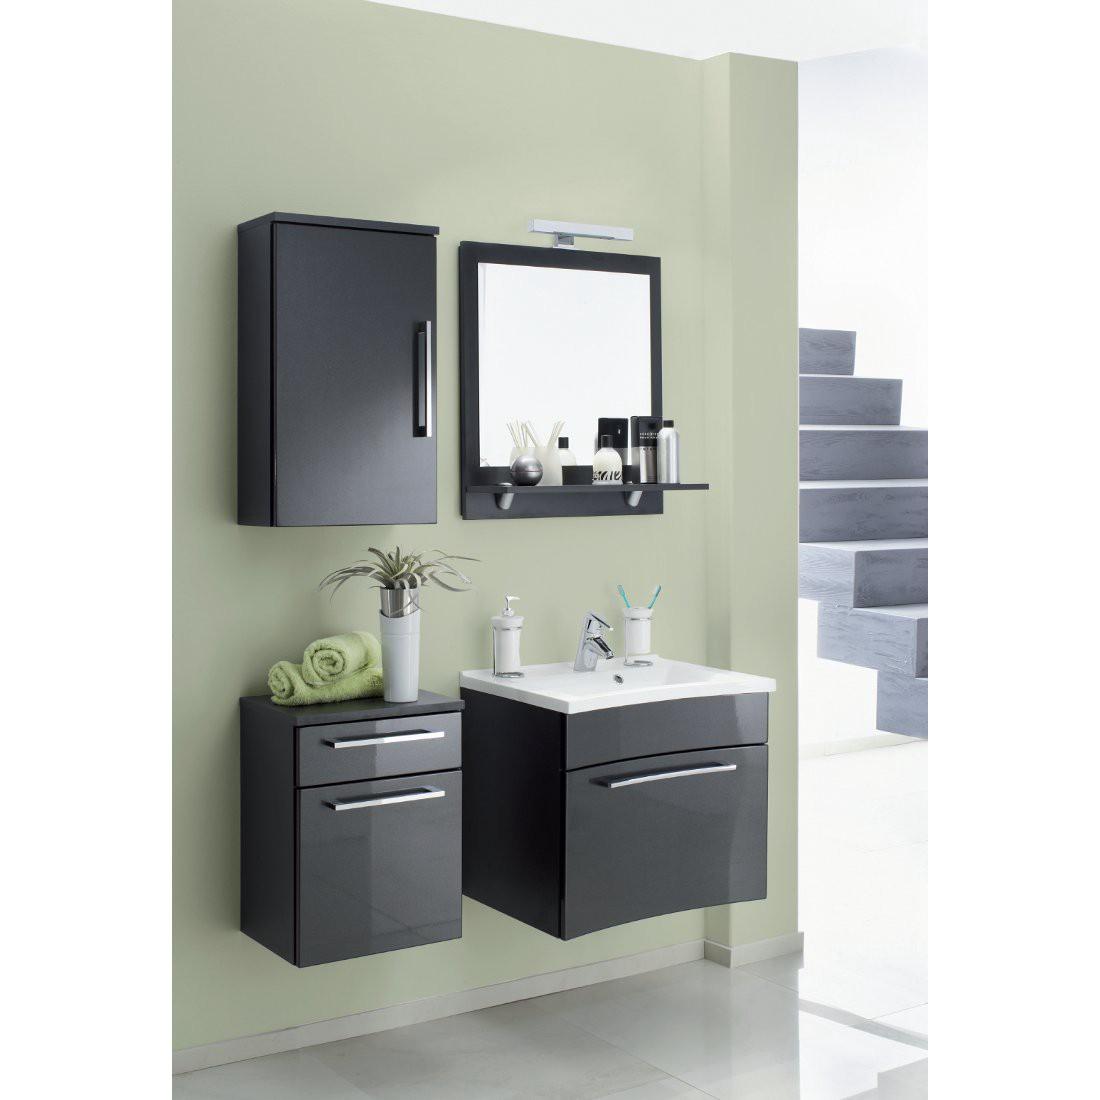 Sie sind hier: Home Wohnzimmer Sparsets Aqua Suite Badprogramm Fontana ...